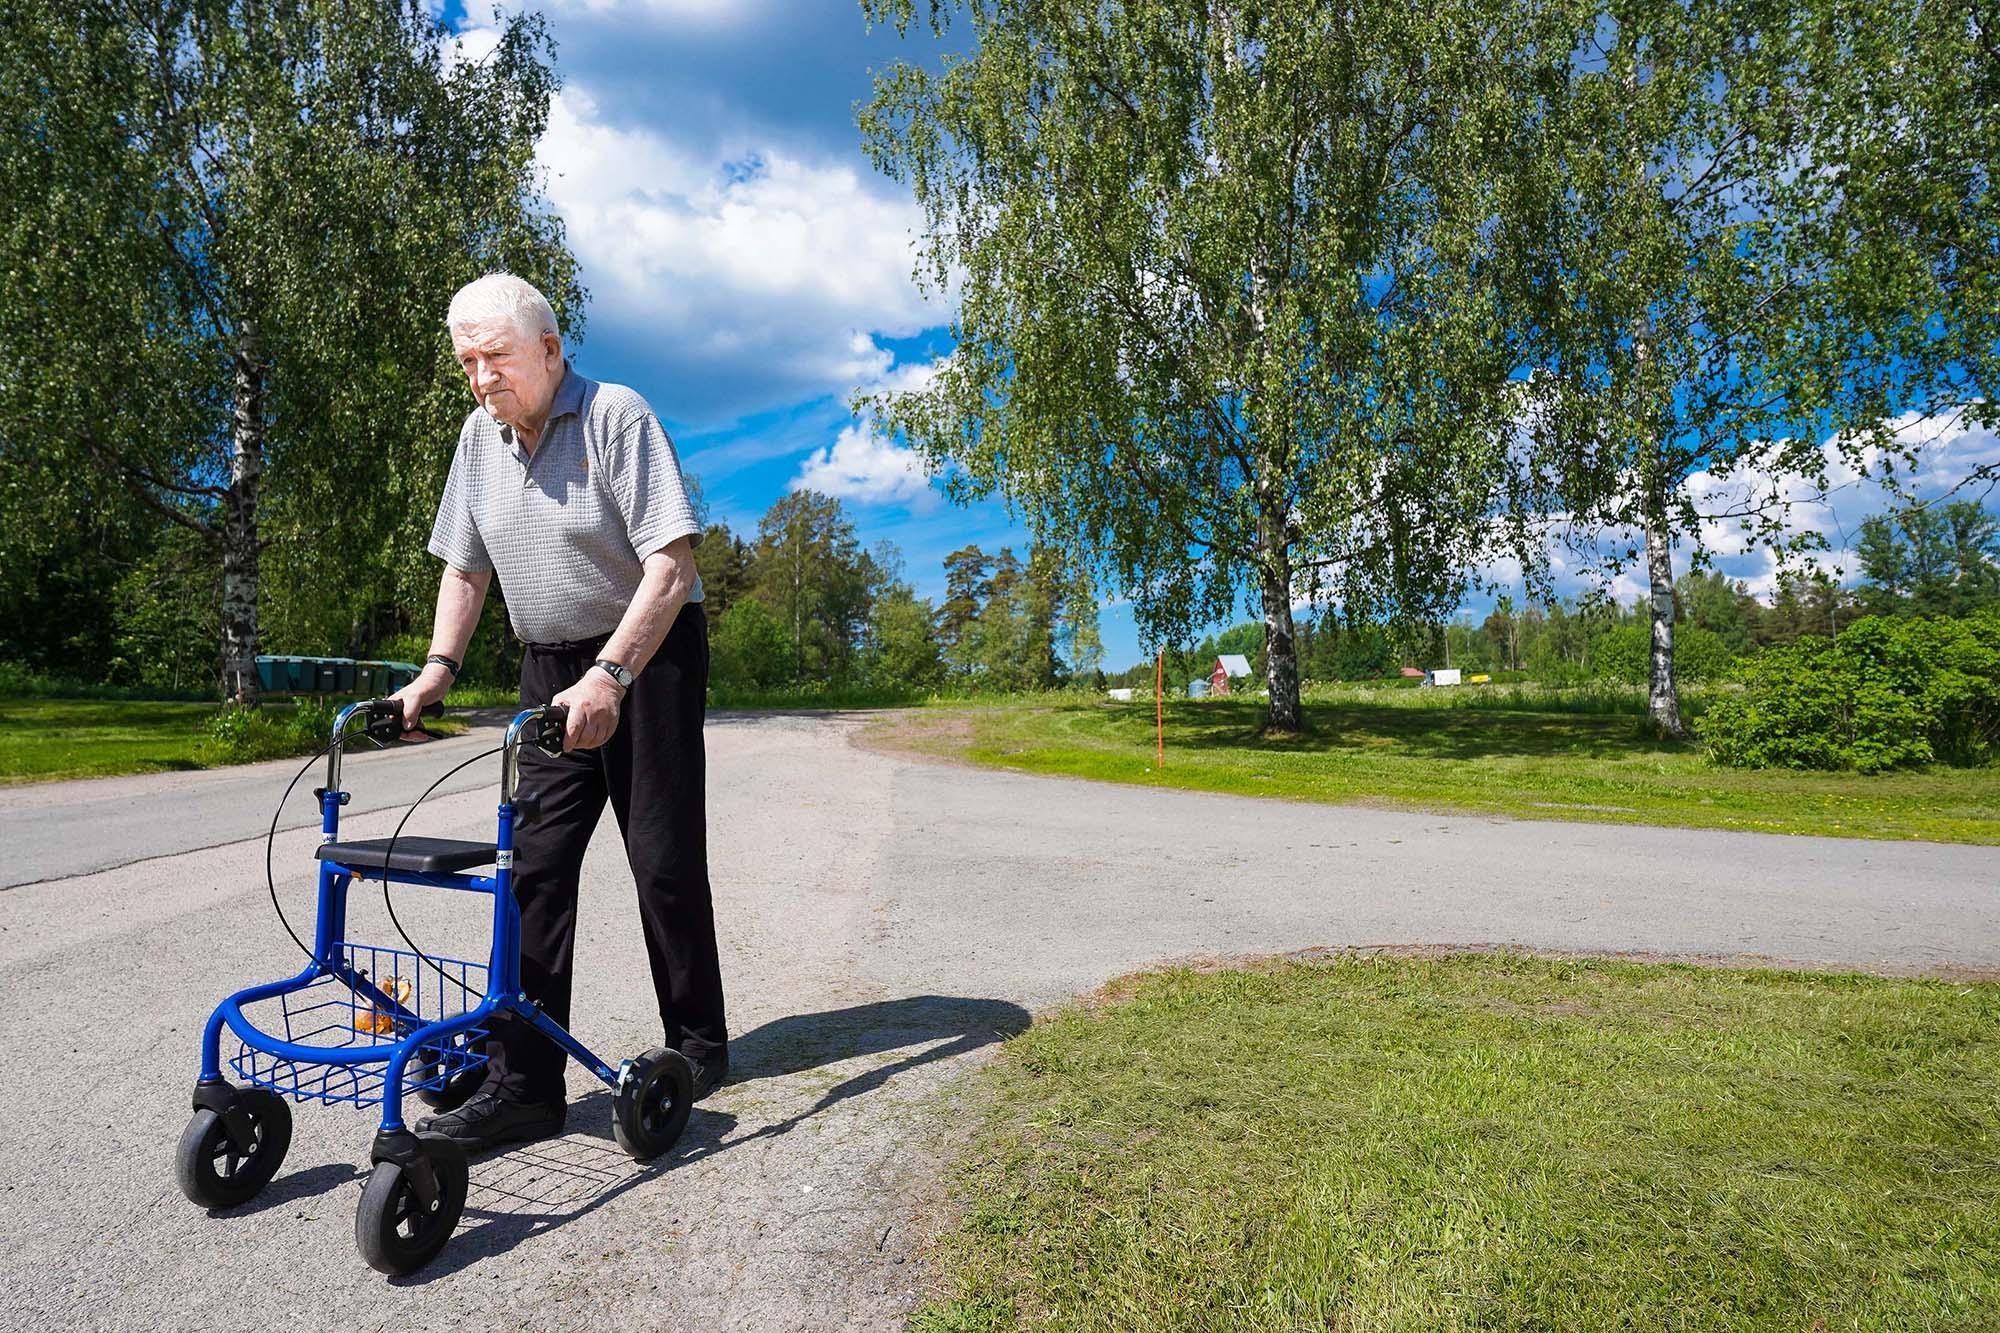 Eero Nieminen kävelee kesäisenä päivänä ulkona rollaattorin kanssa.